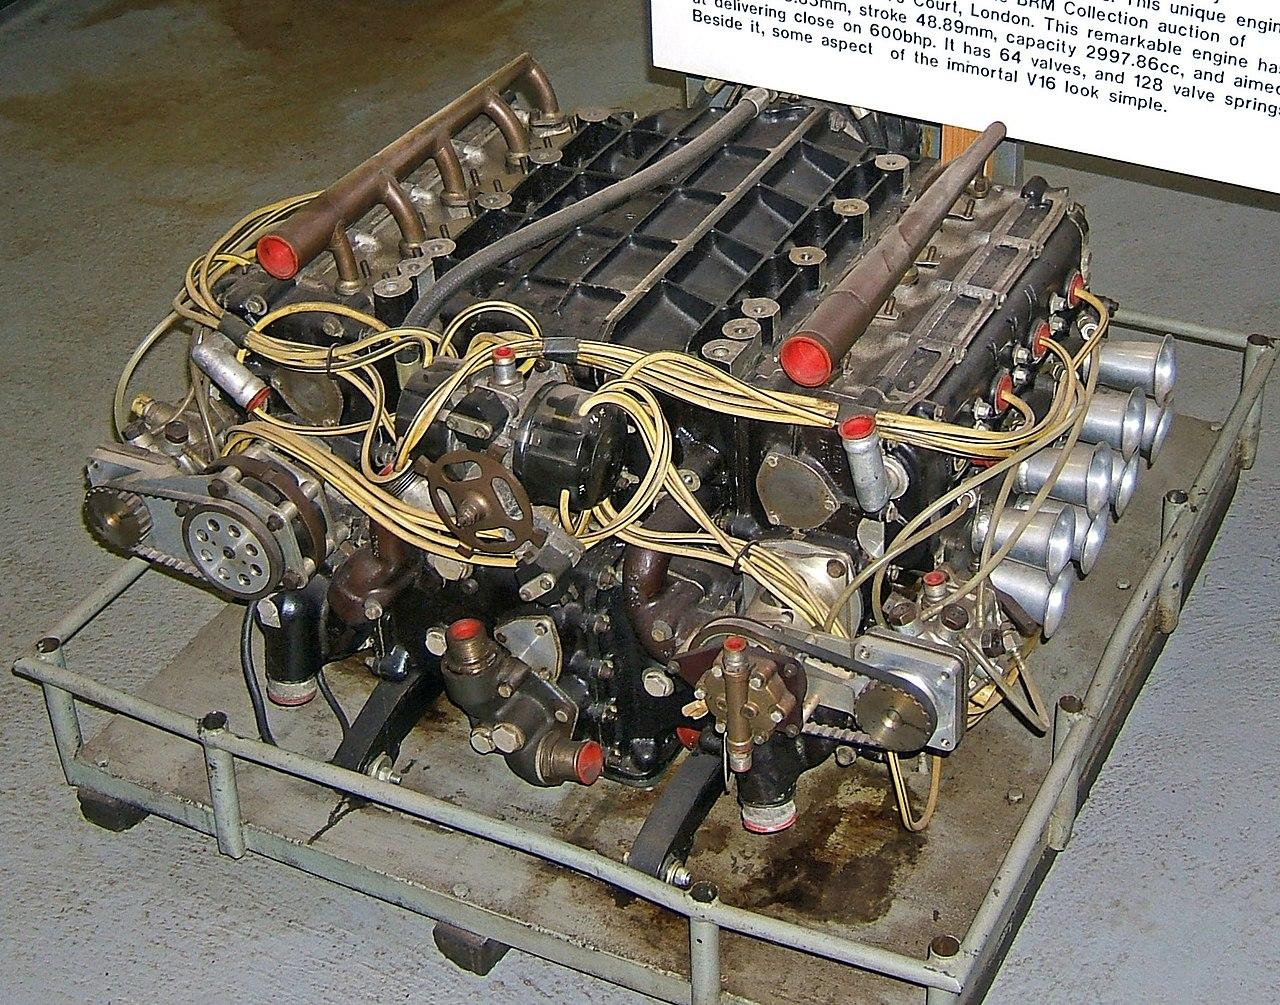 1280px-BRM_H16_engine.jpg